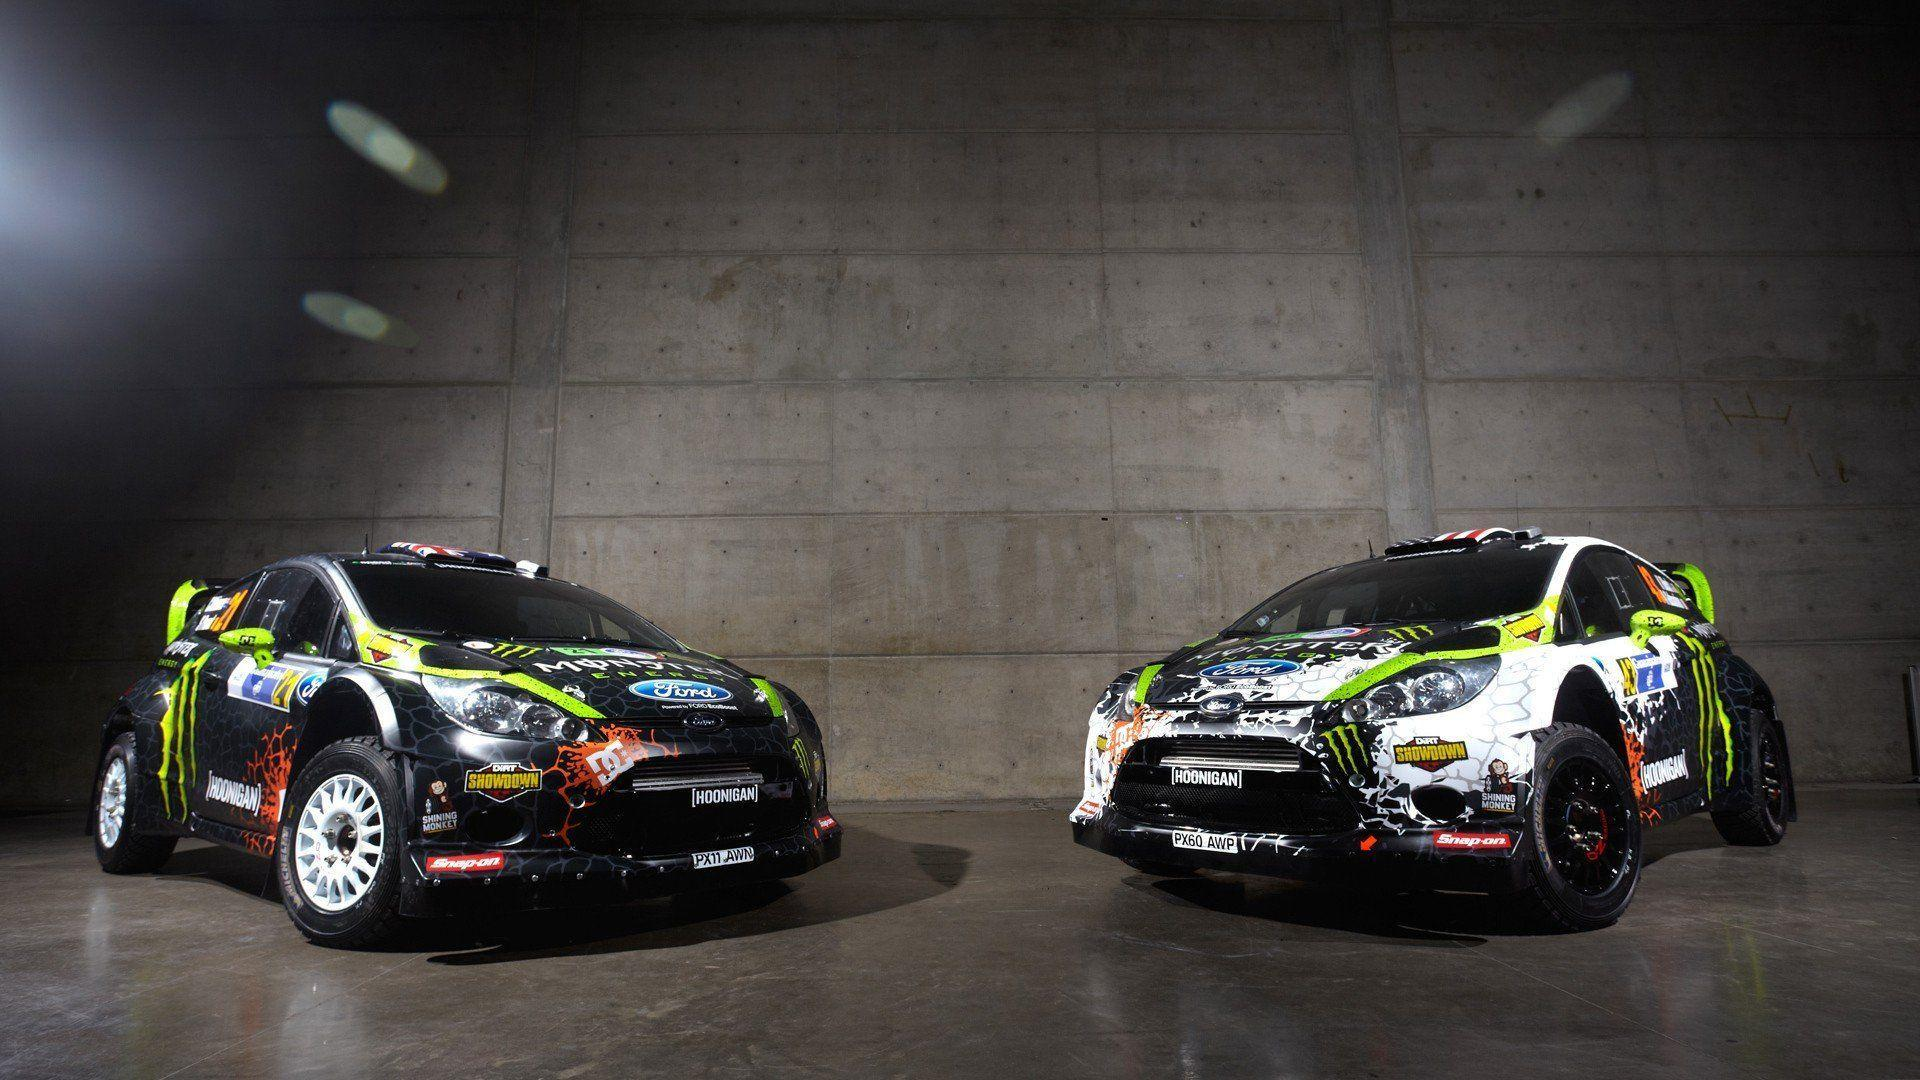 Monster energy rally car wallpaper